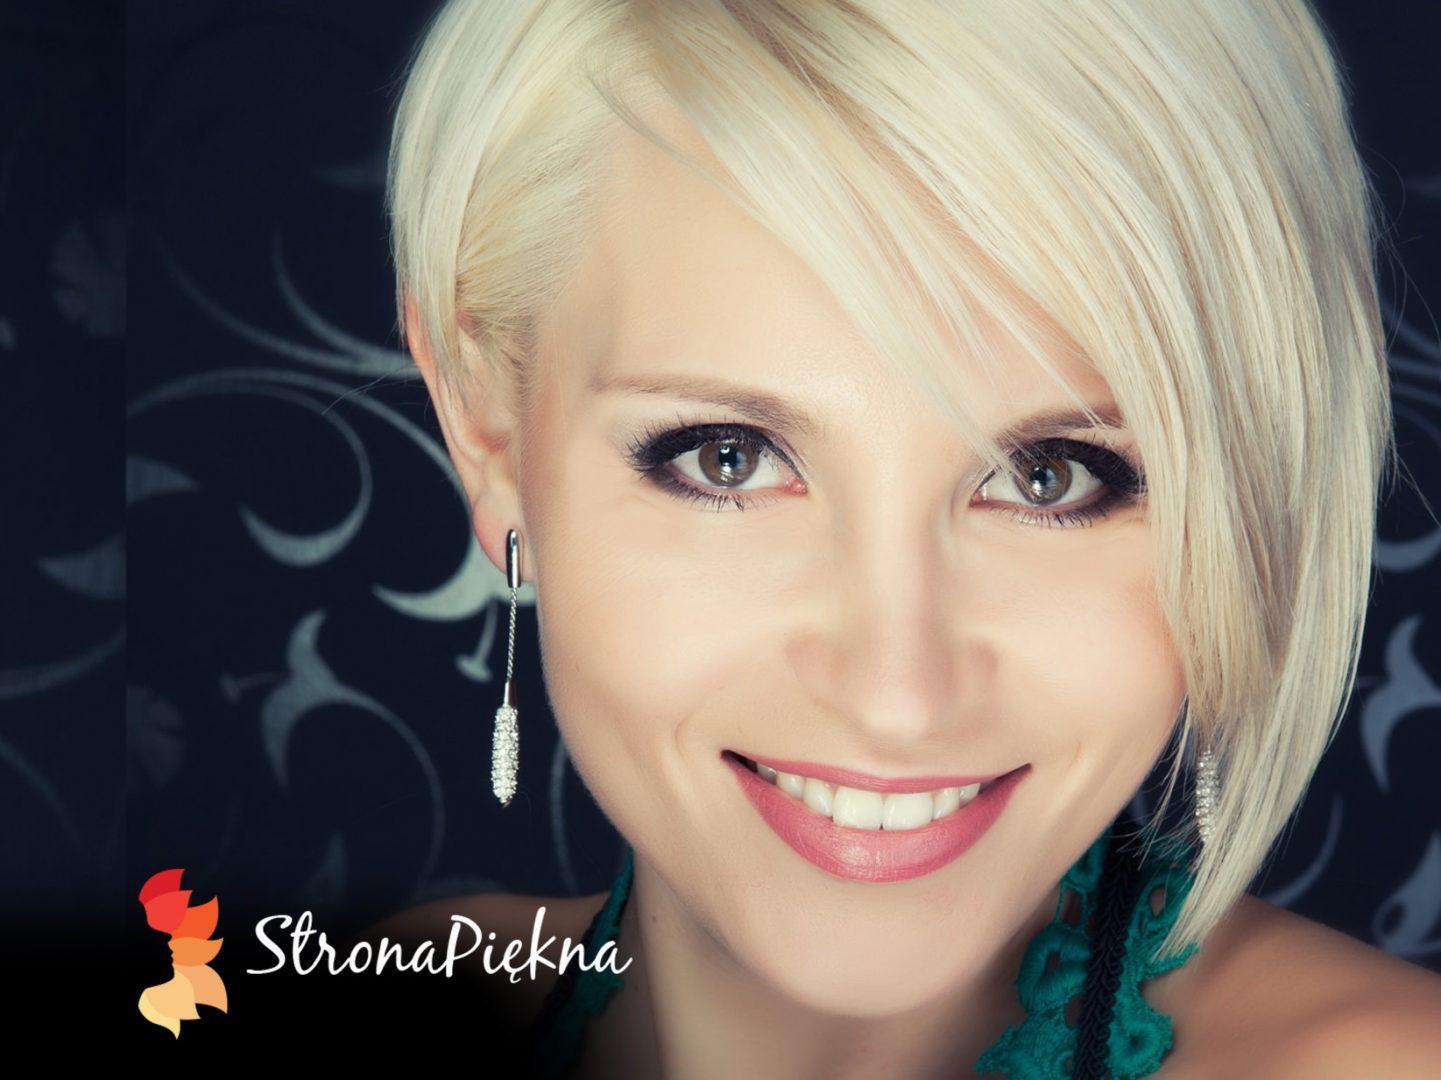 Blog uroda/lifestyle/zdrowie Stronapiekna.pl